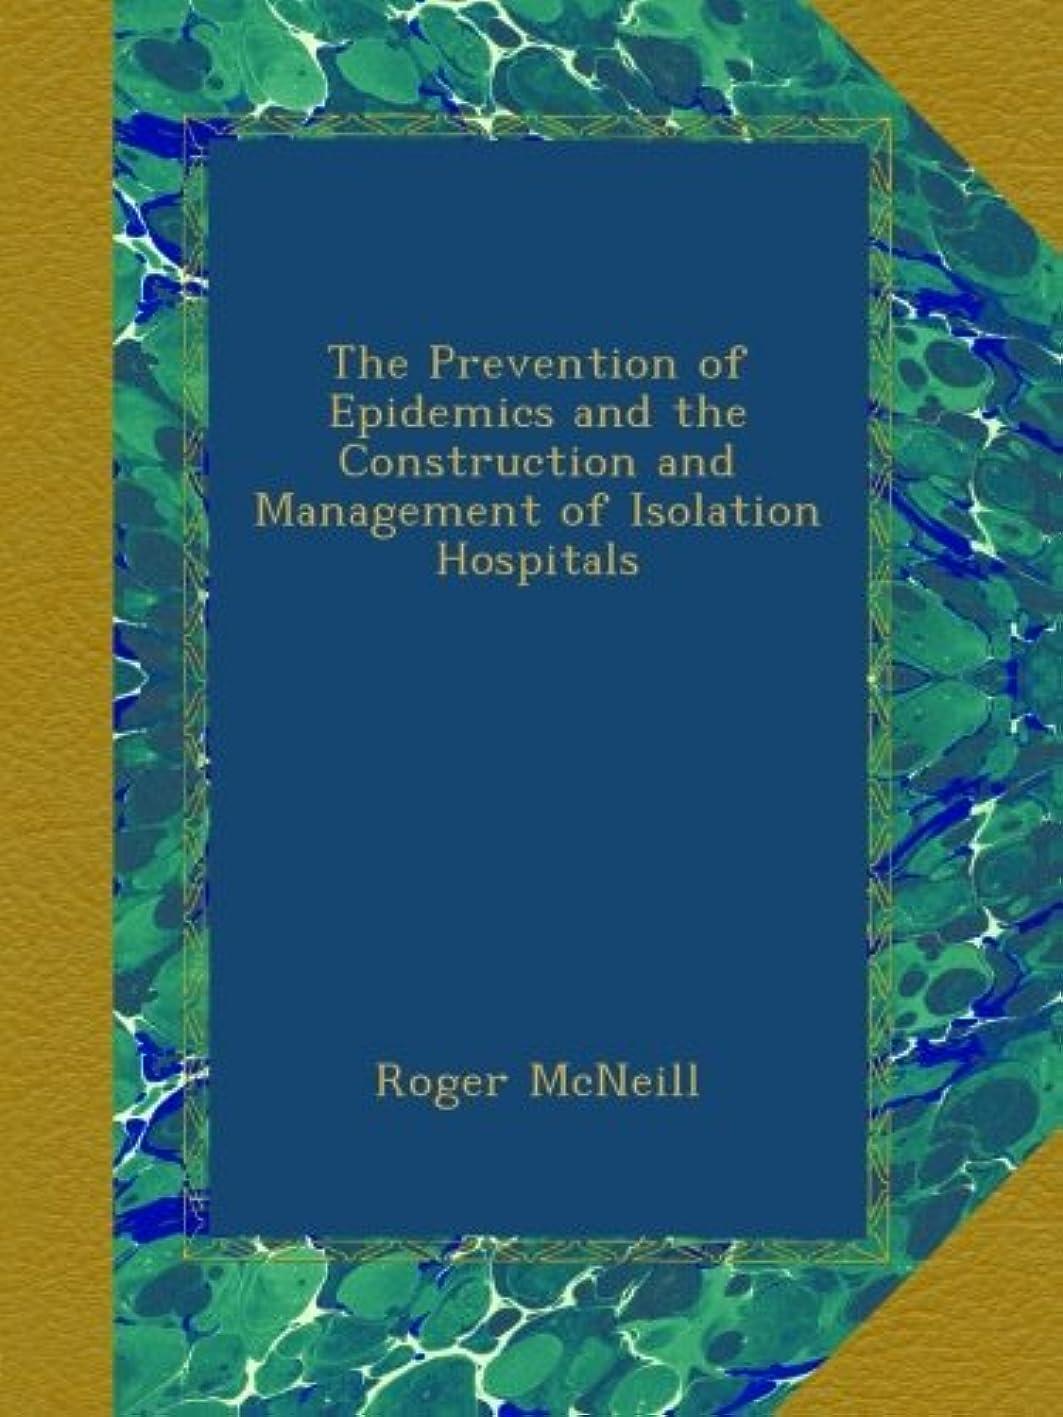 野望販売員品種The Prevention of Epidemics and the Construction and Management of Isolation Hospitals